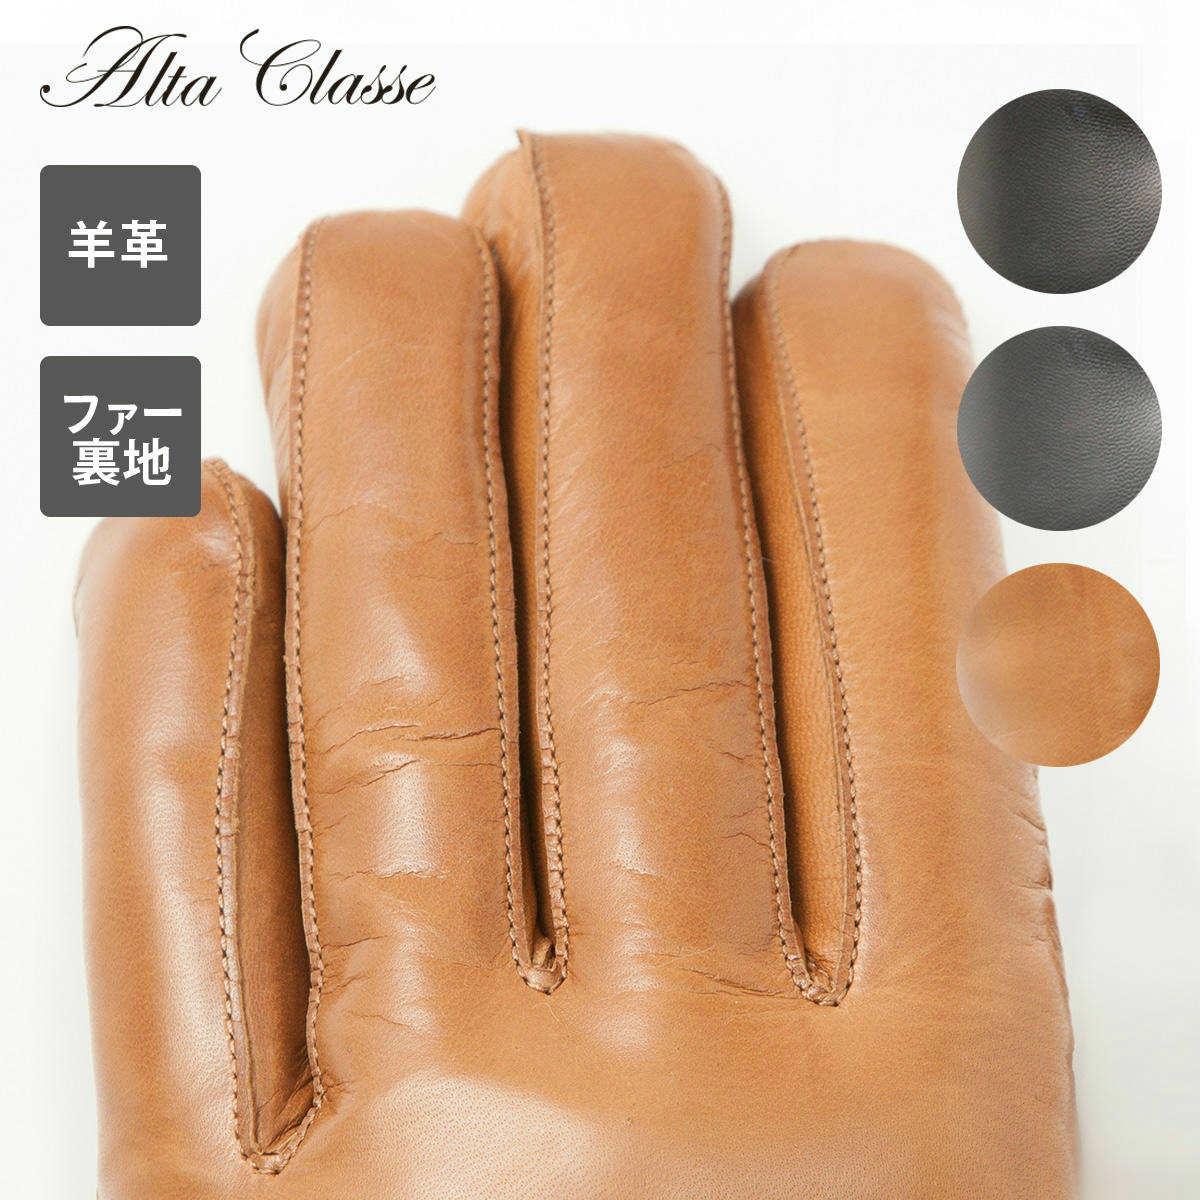 数量限定 アルタクラッセ カプリガンティハンガリー製 メンズ 革手袋 ラビットファー総裏付き 防寒手袋 24cm(M)